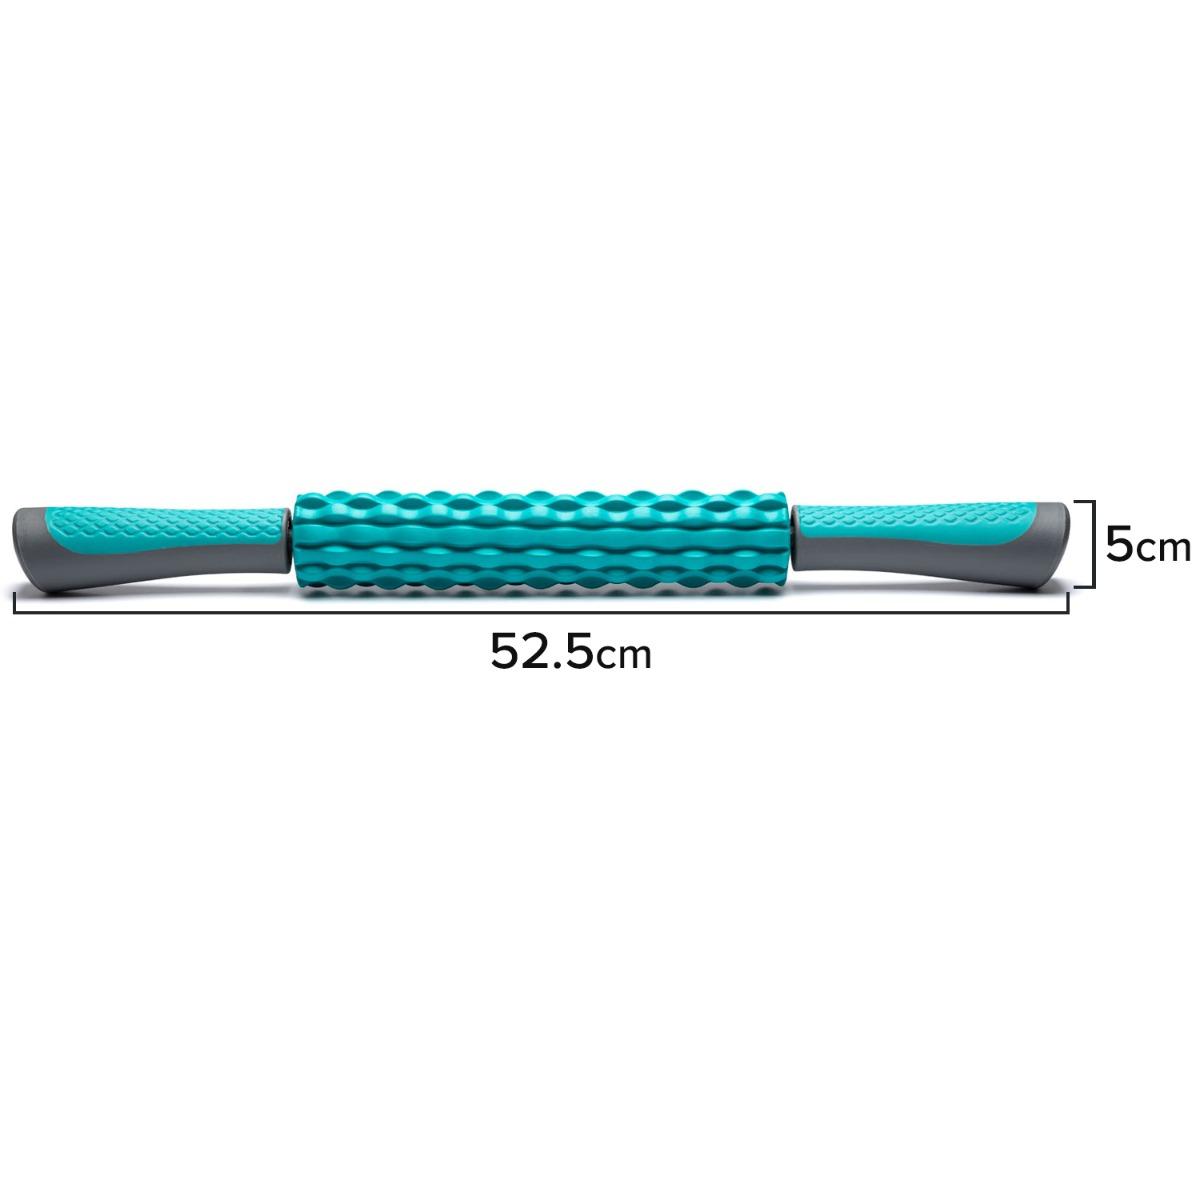 Muscle-Massage-Stick-Roller-Deep-Tissue-Trigger-Point-Foam-Massager-Core-Balance thumbnail 40